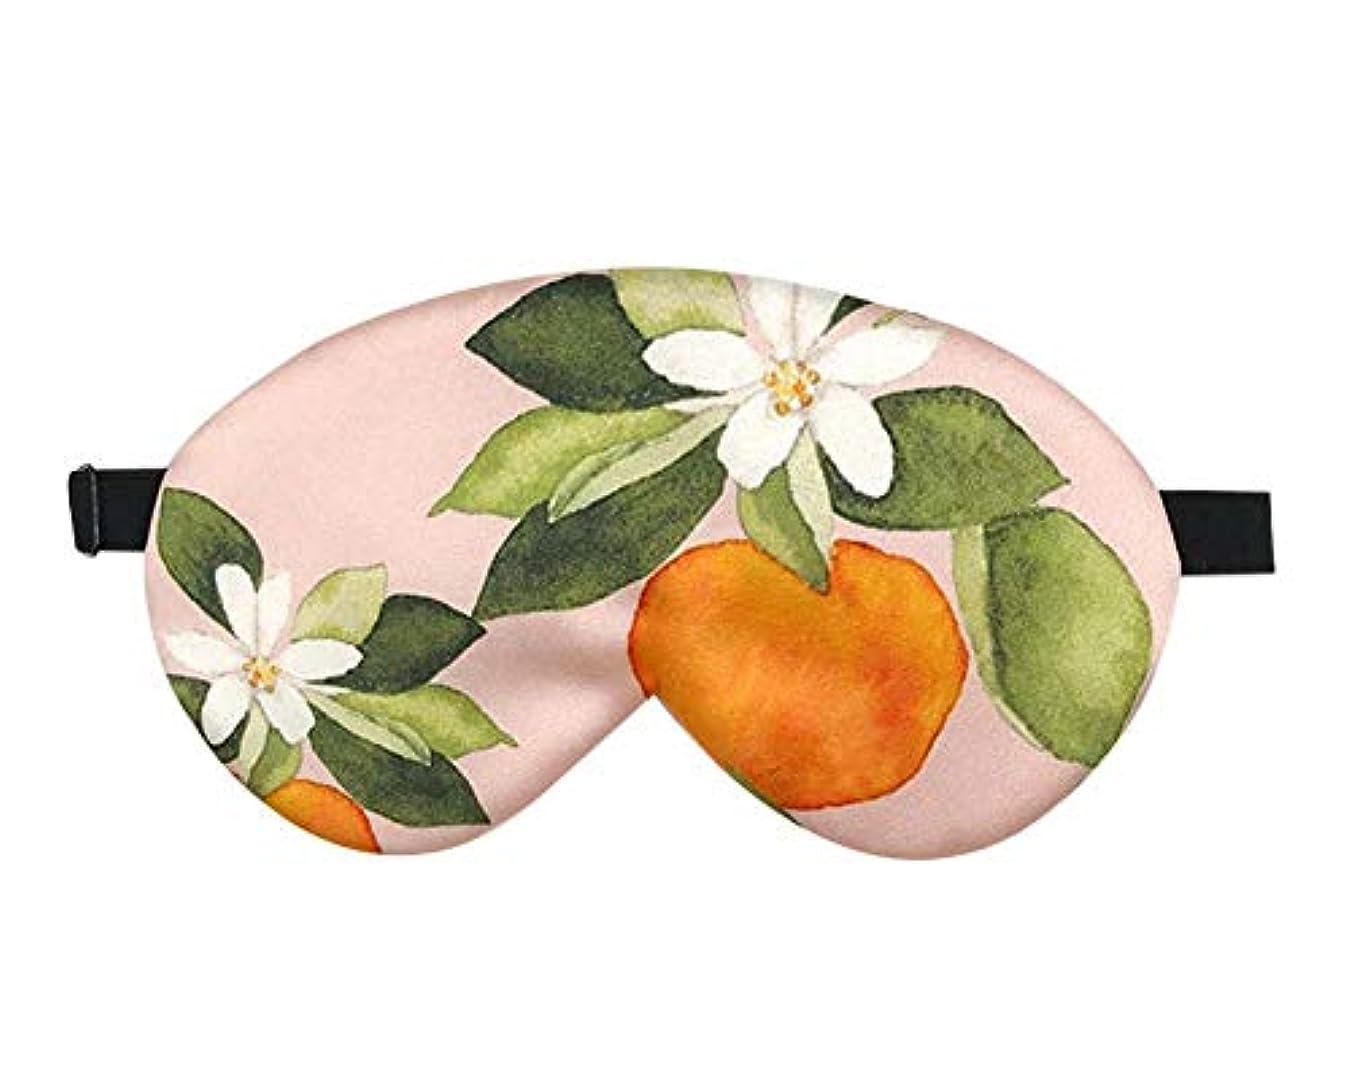 機転自分自身ロシア両面シルクアイマスク調節可能なストラップ付きのエレガントなアイシェードスリープアイマスク (小オレンジ)